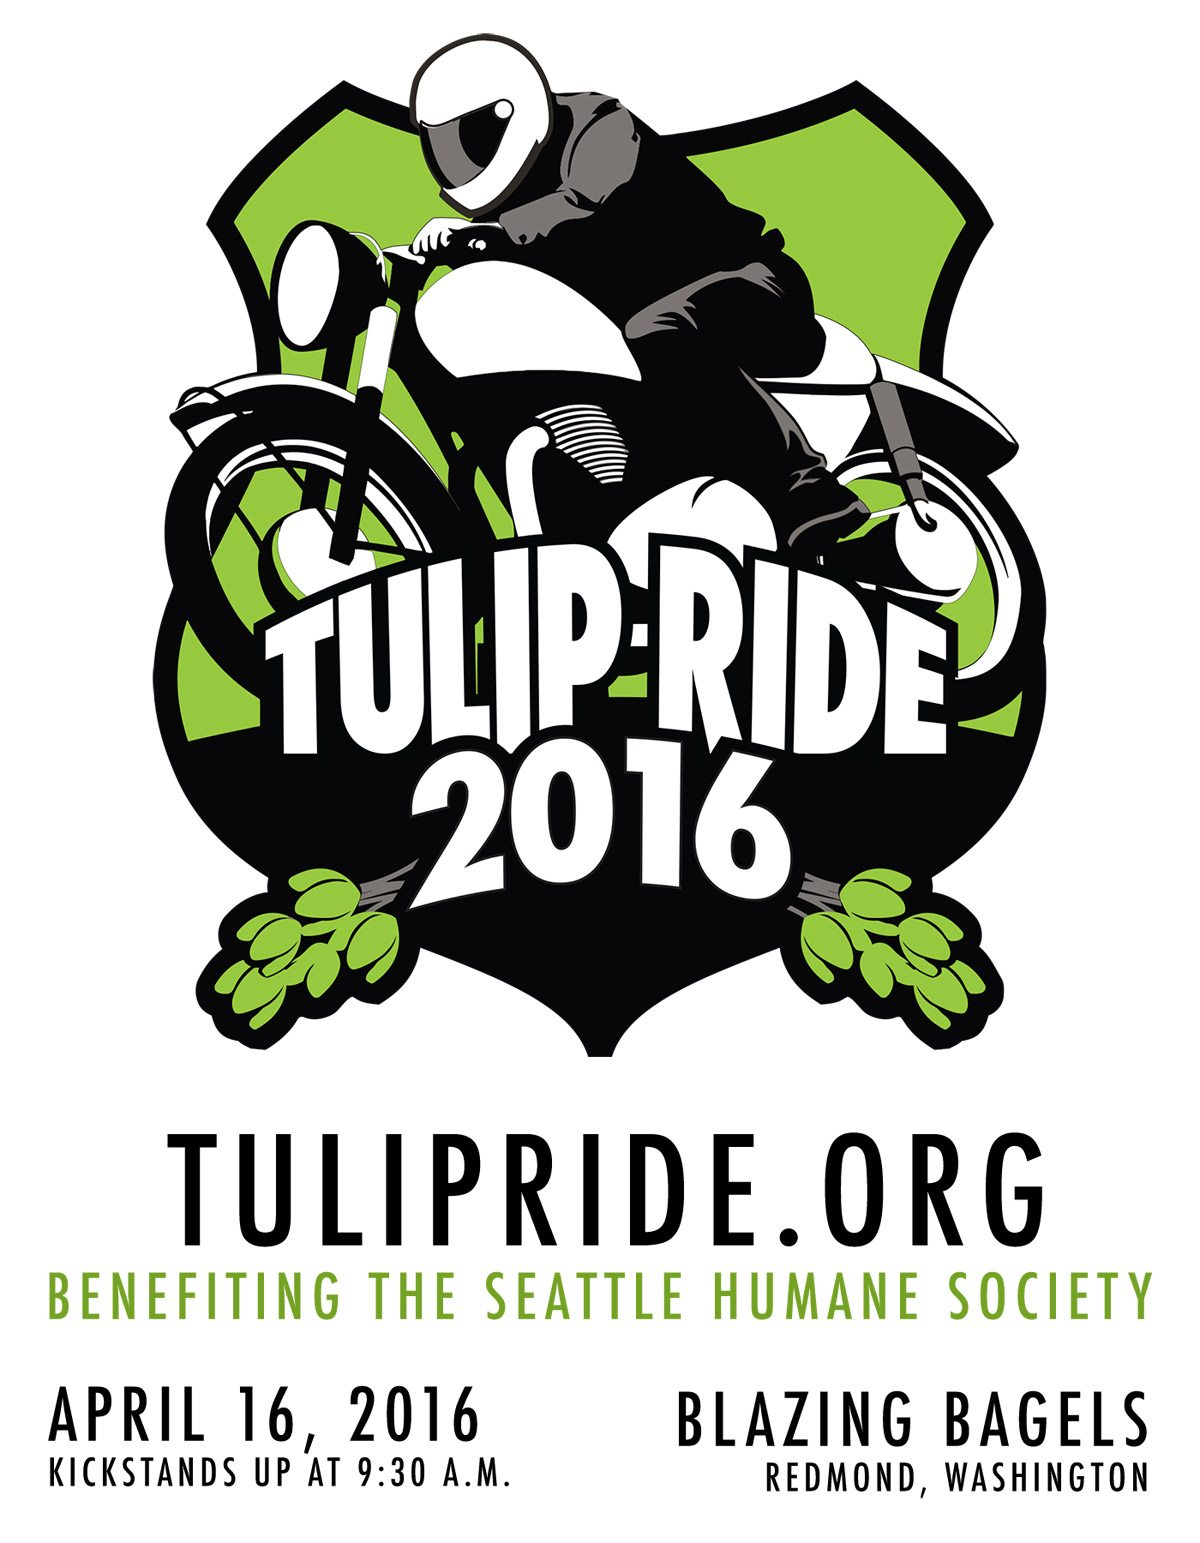 Tulip Ride 2016 - April 16 2016